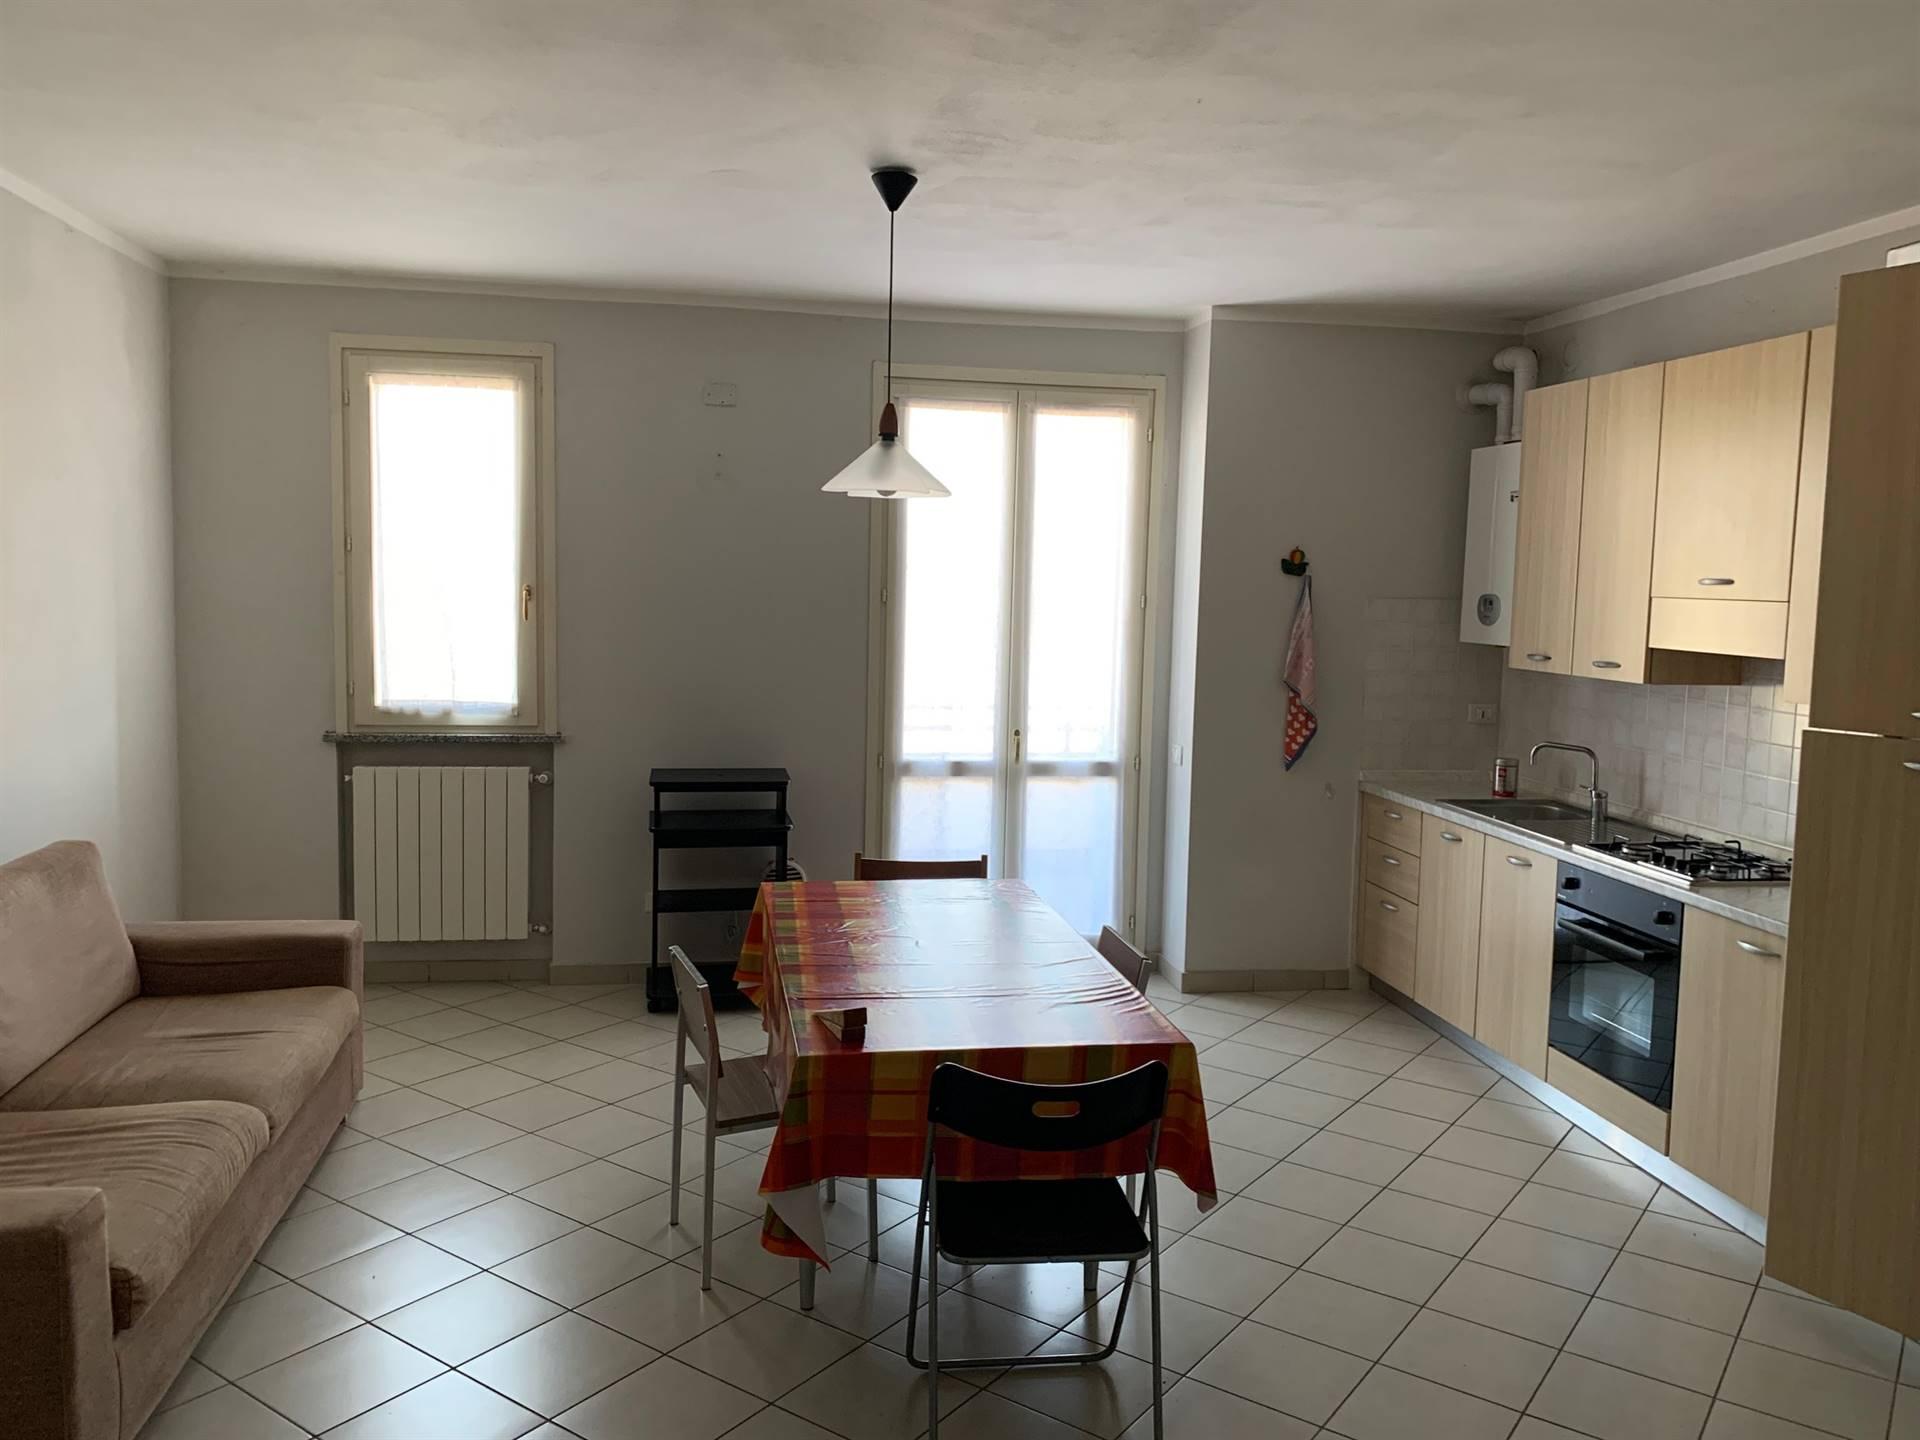 Appartamento in affitto a Soresina, 3 locali, prezzo € 500 | CambioCasa.it